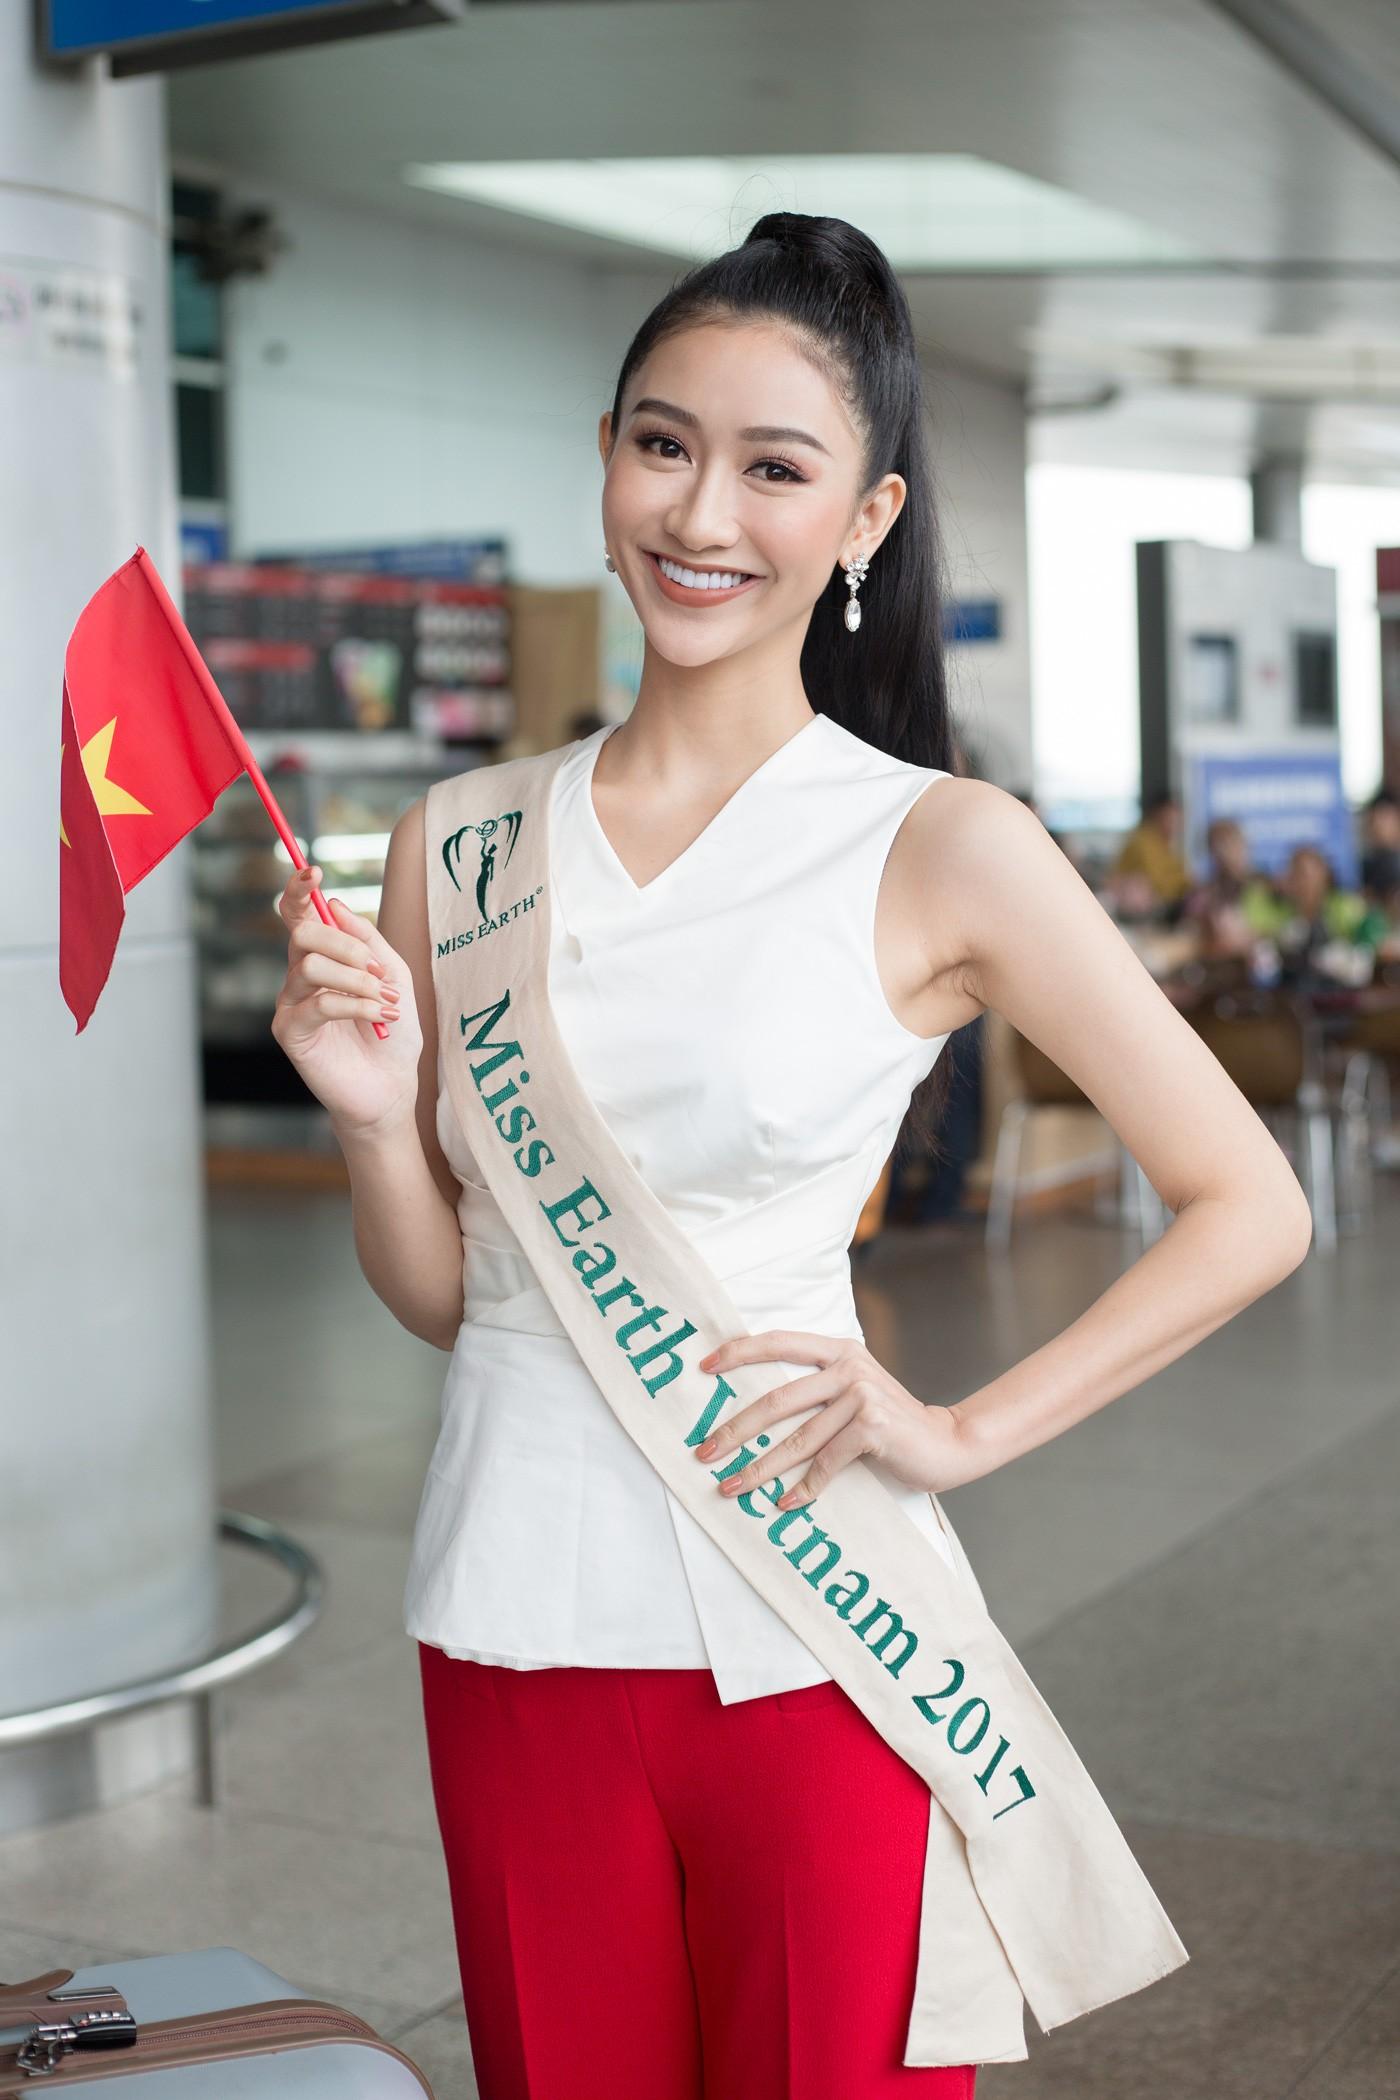 Dàn Hoa hậu, Á hậu gửi lời chúc và đặt cược vào chiến thắng của Hương Giang tại Hoa hậu Chuyển giới Quốc tế - Ảnh 5.